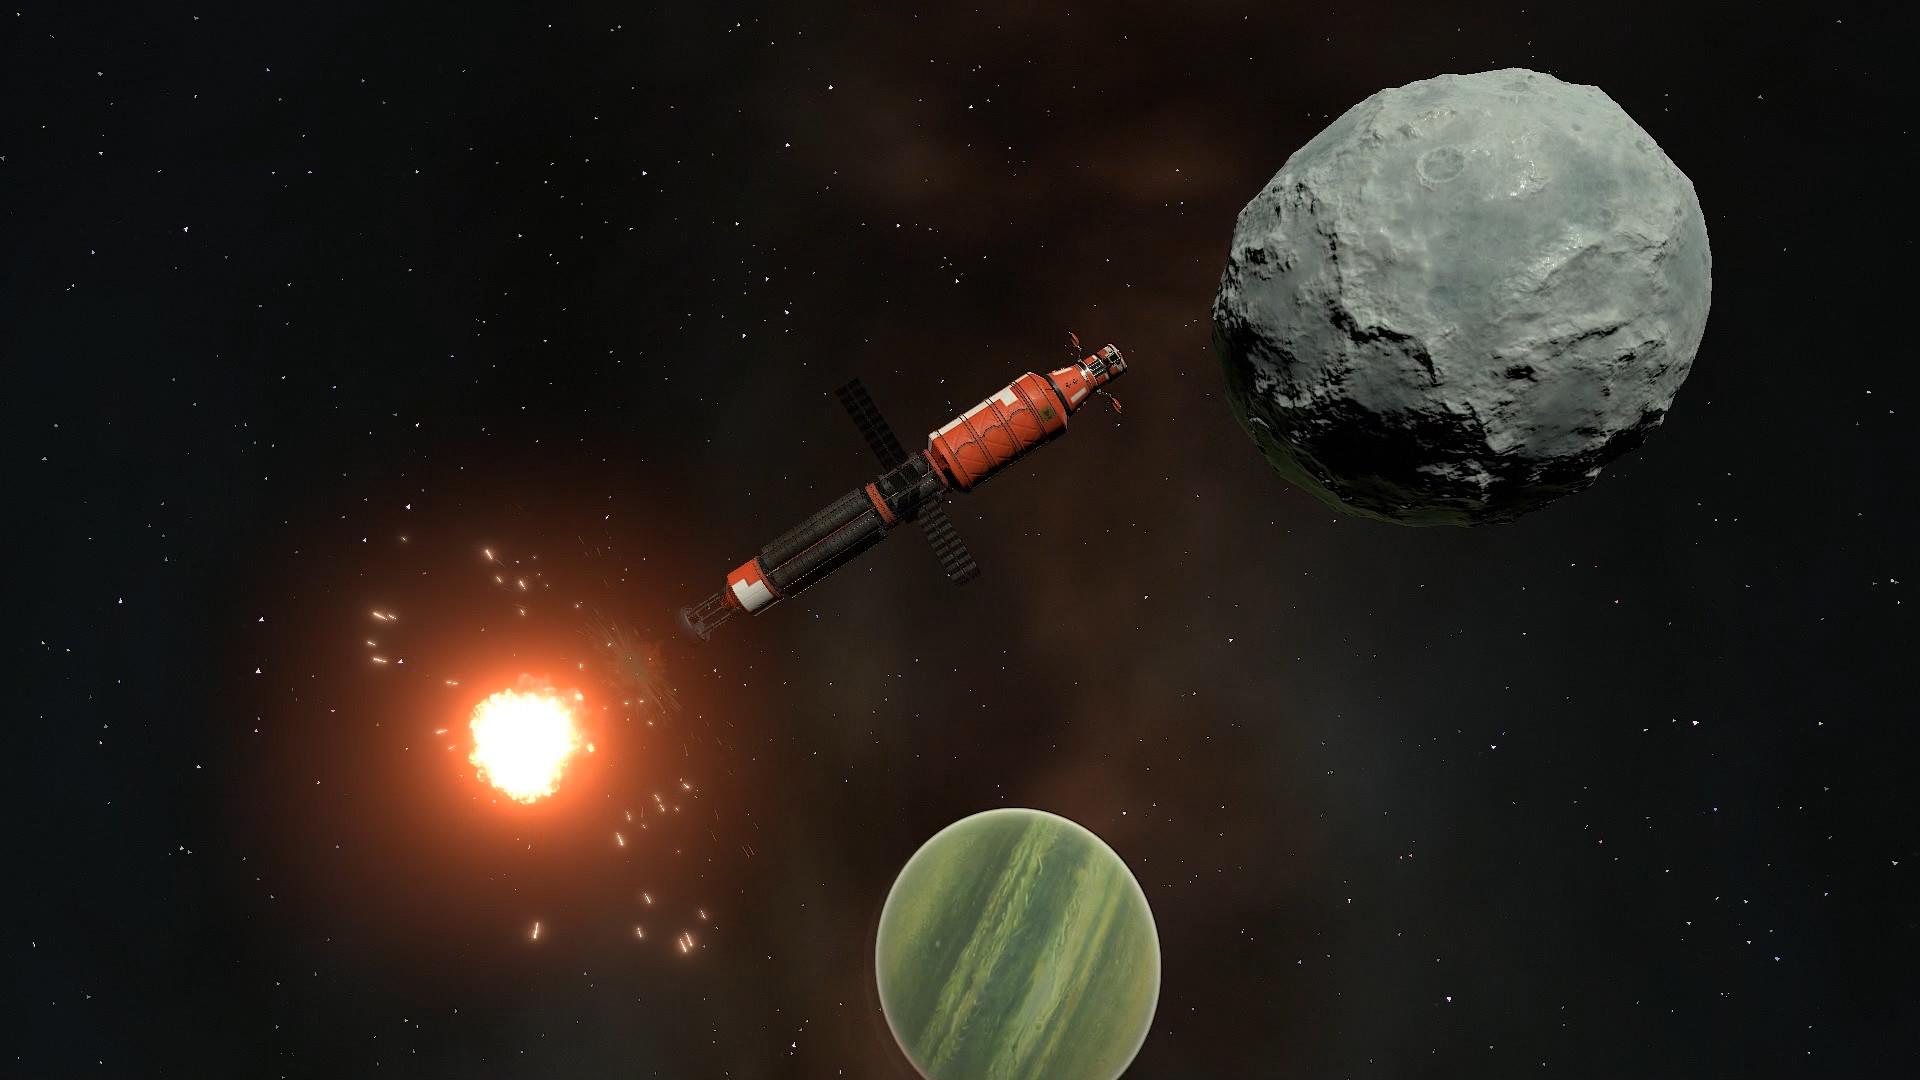 [Jeux] Kerbal Space Program 2 (2020) Ss_7f7fad7e387f9267d48640edd0dd71cbb2582cf9.1920x1080